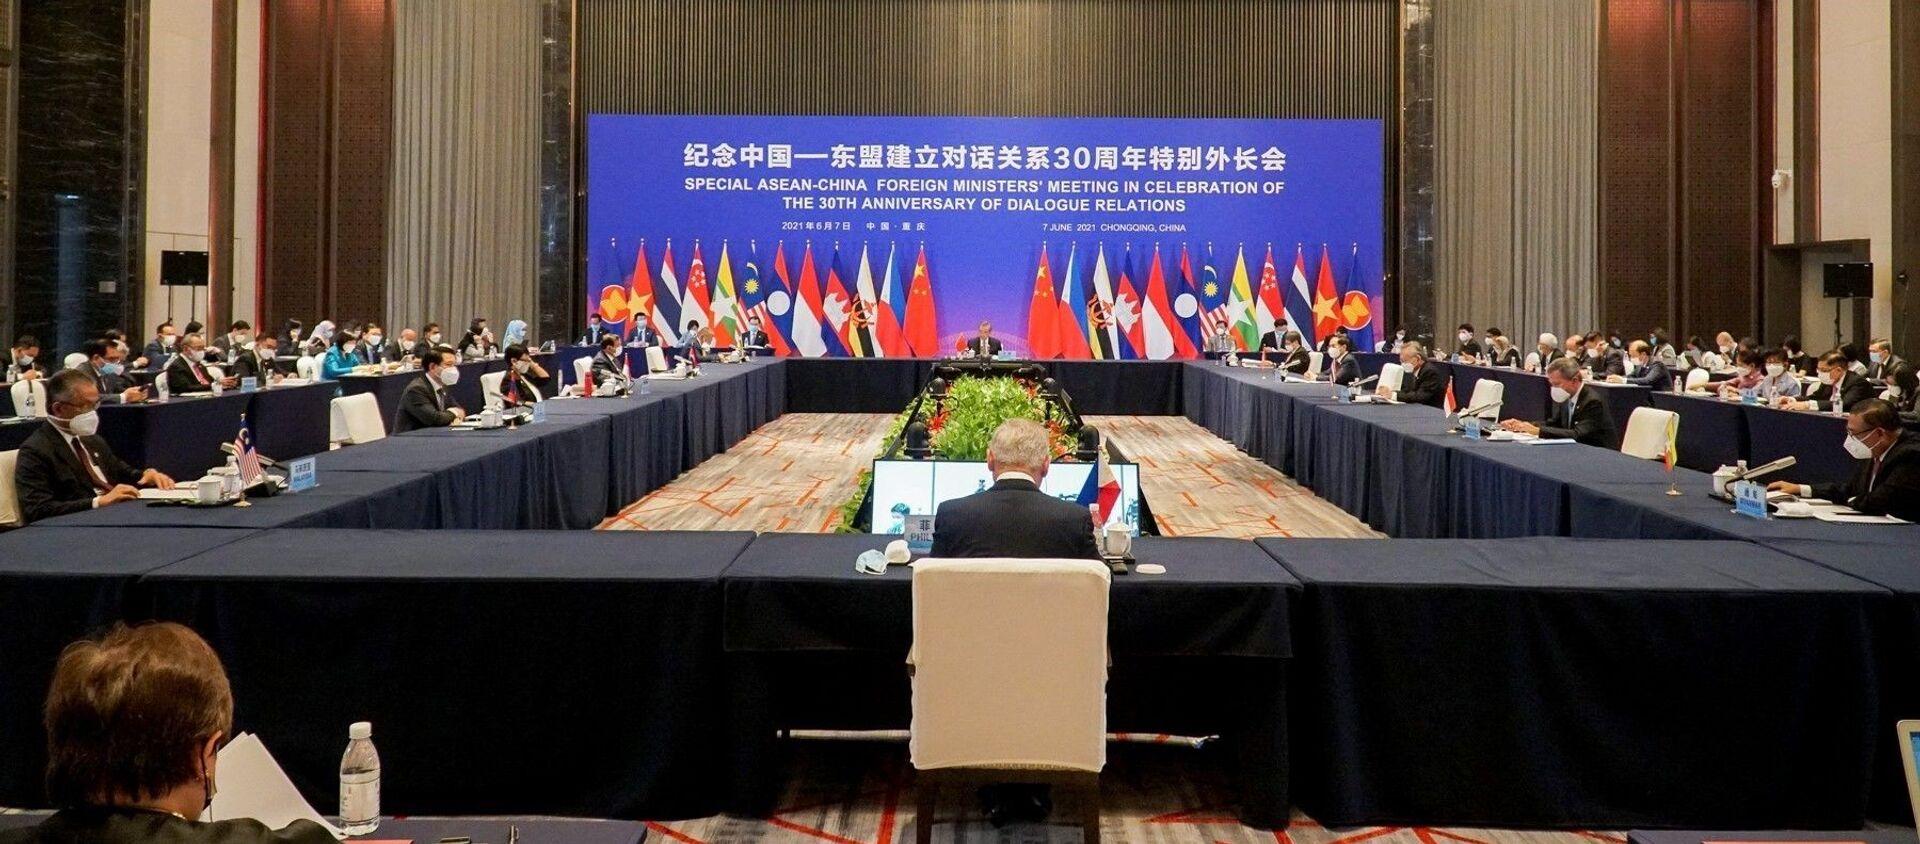 Việt Nam tham dự Hội nghị đặc biệt Bộ trưởng Ngoại giao ASEAN - Trung Quốc - Sputnik Việt Nam, 1920, 08.06.2021